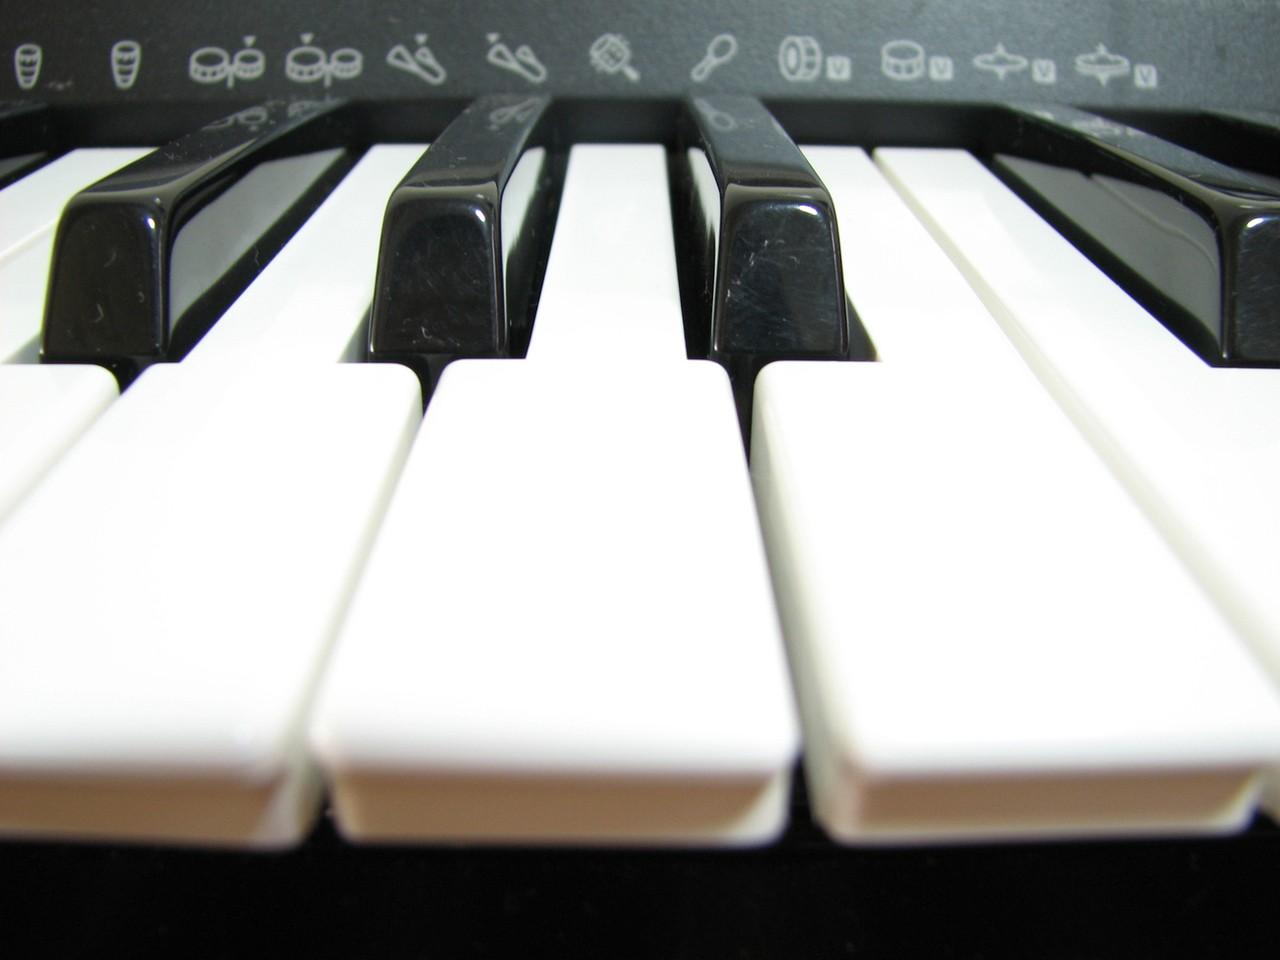 czym_rozni_sie_pianino_od_fortepianu.jpeg